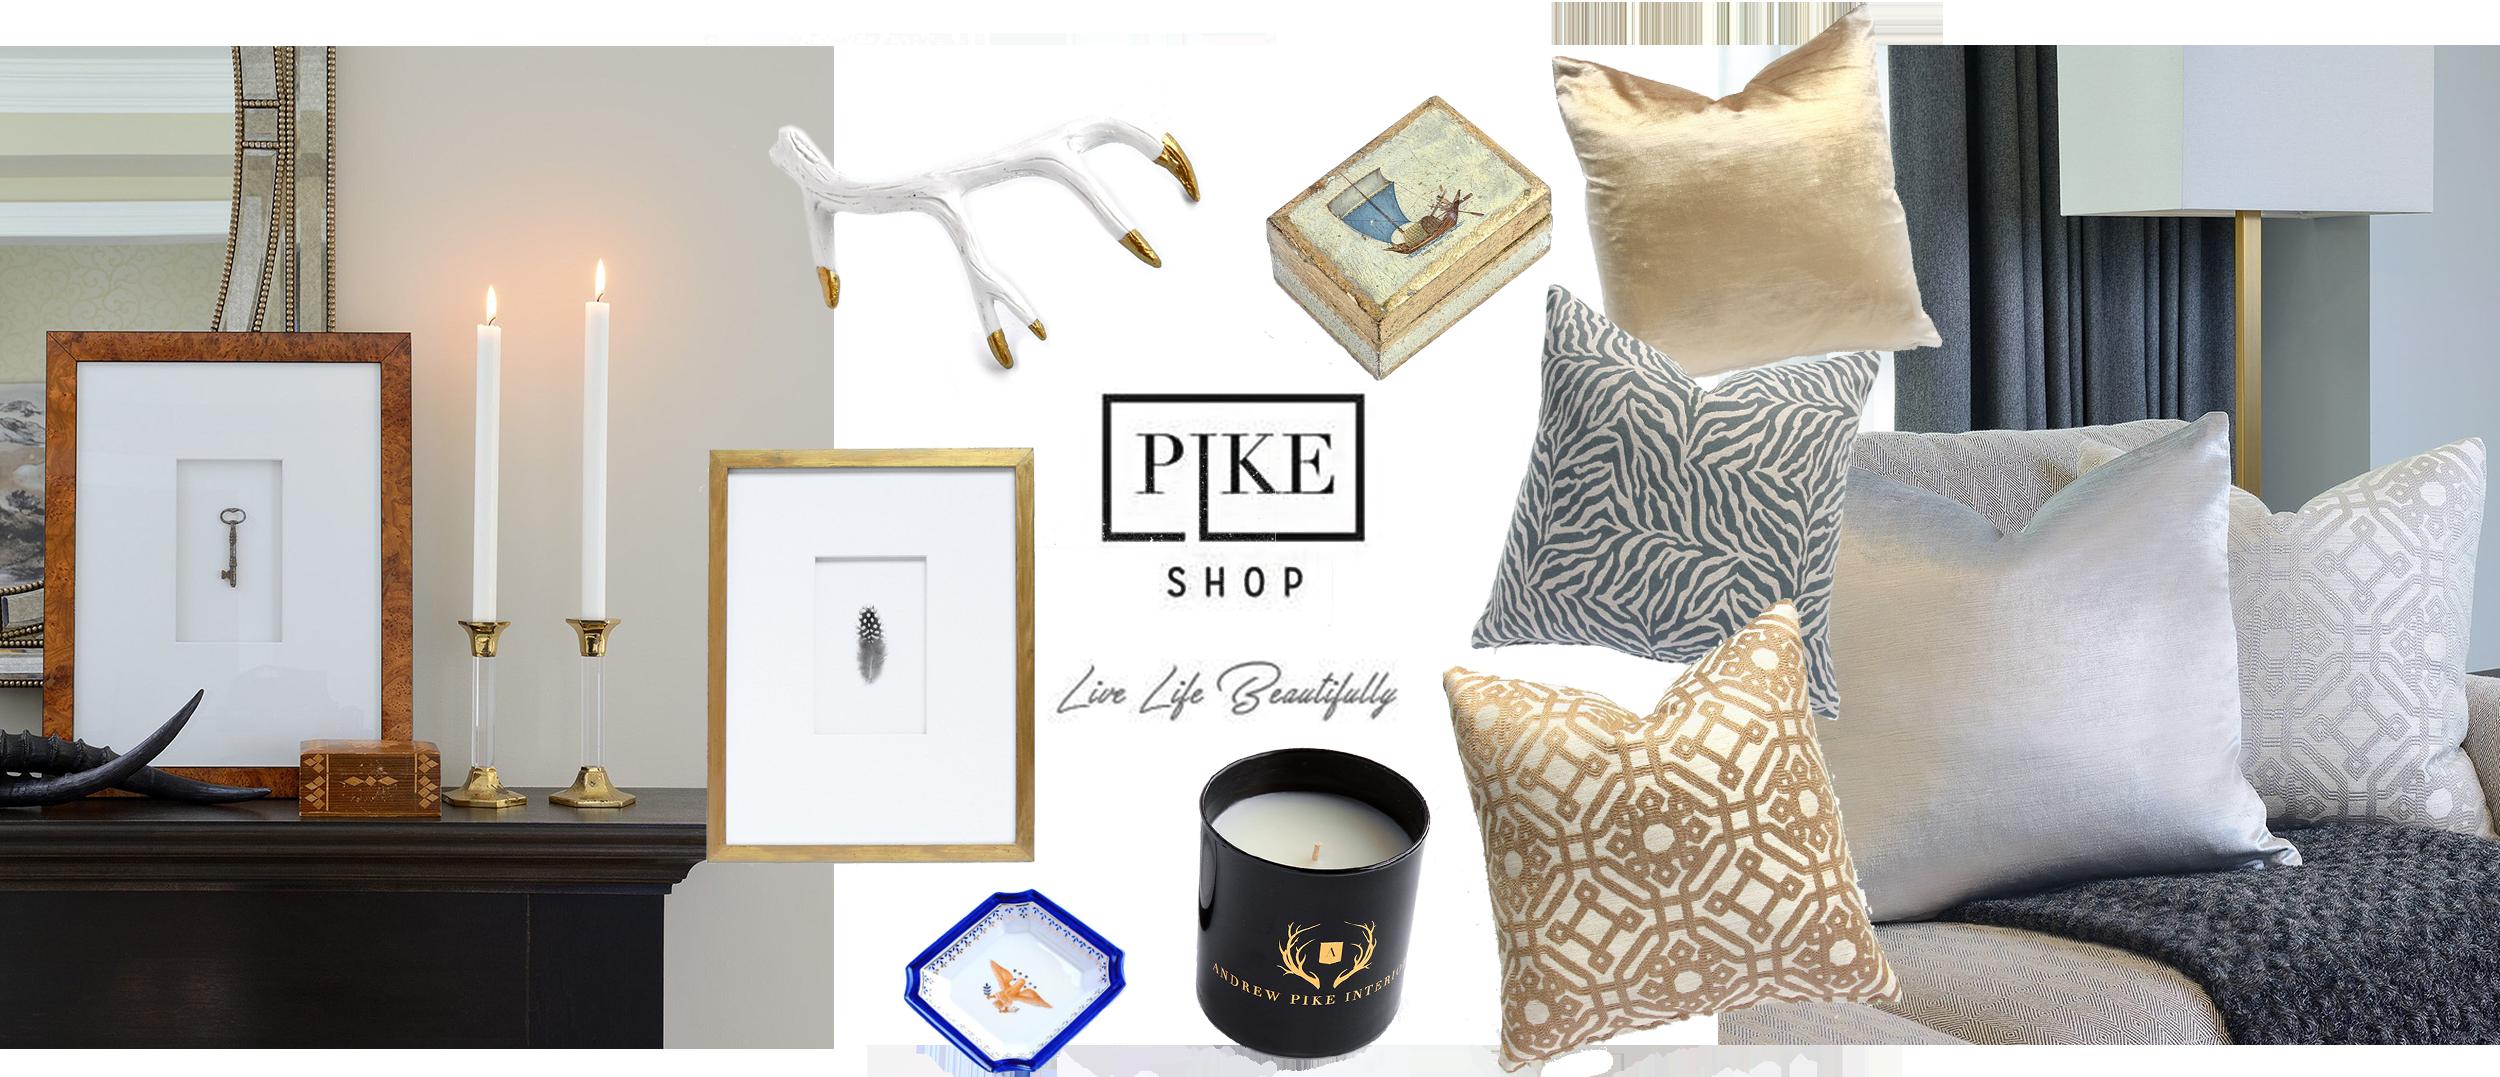 pike-shop4